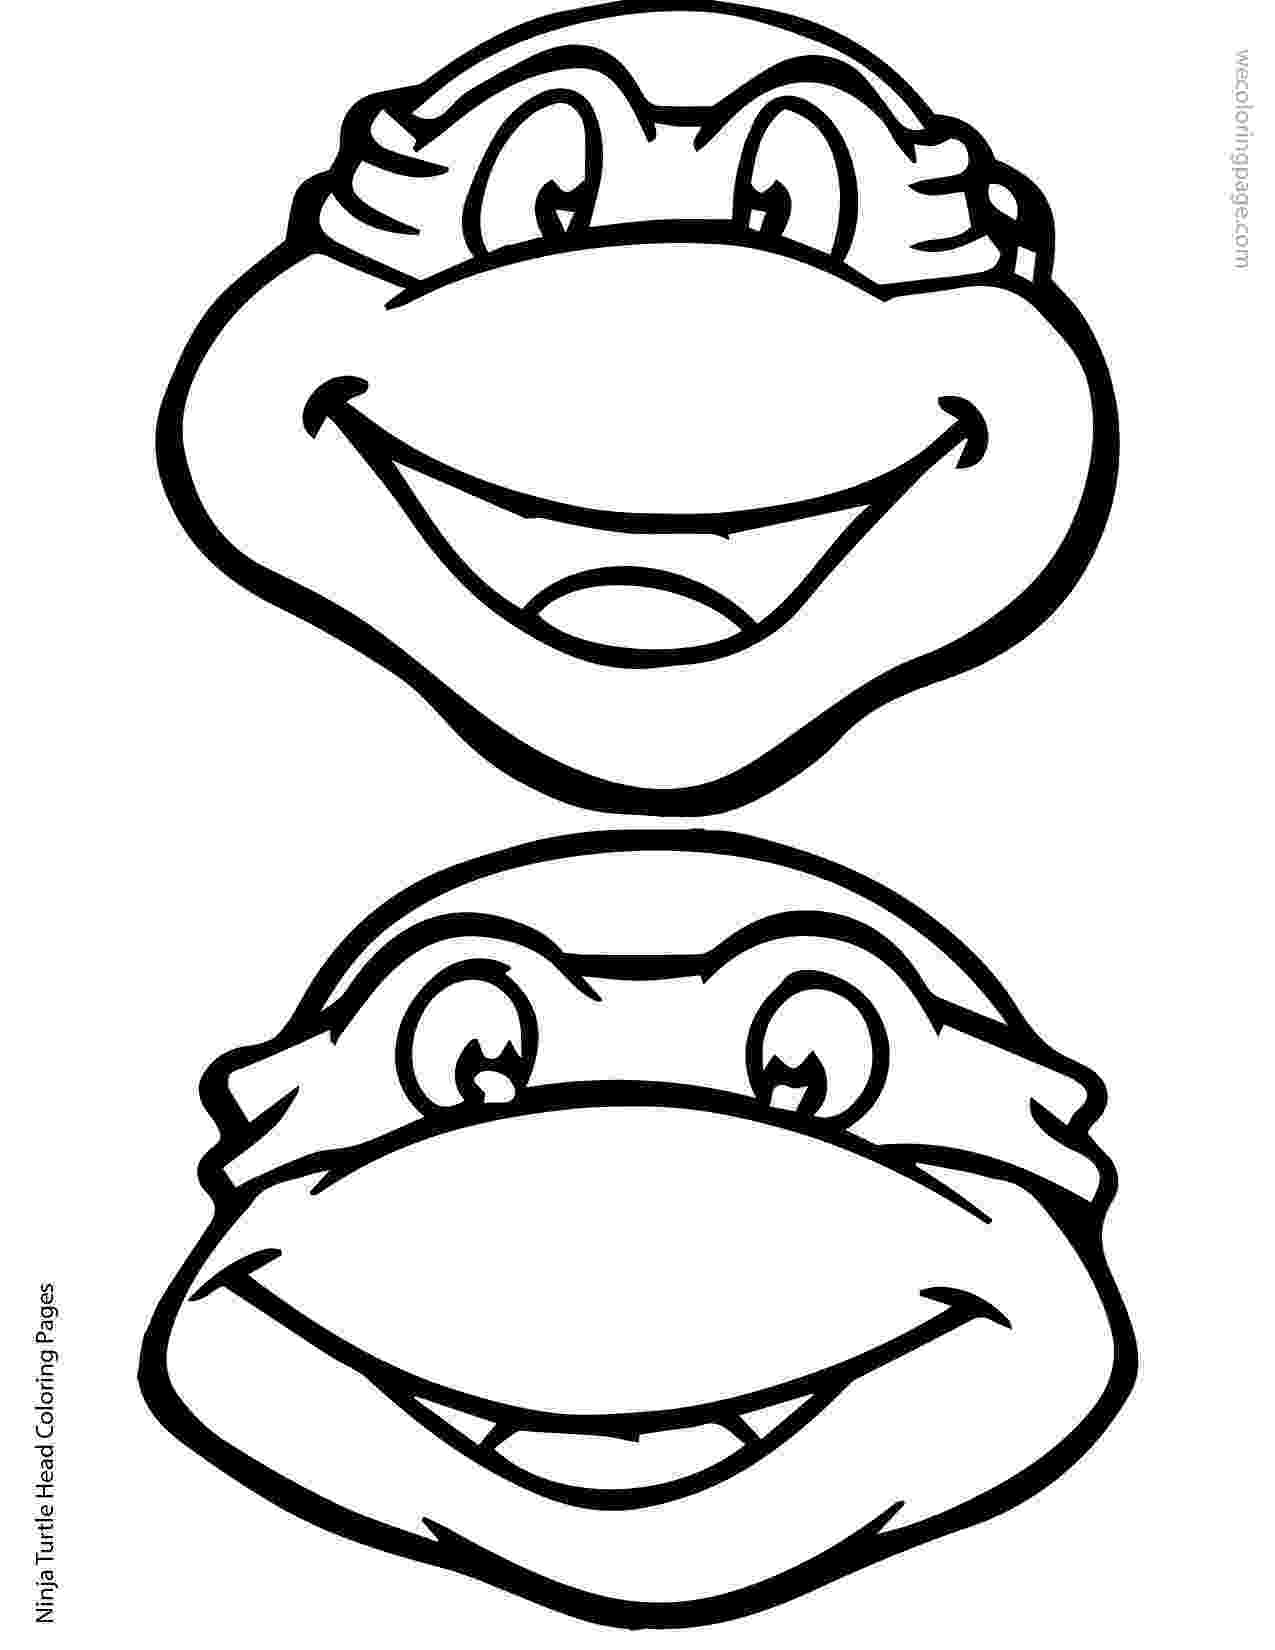 ninja turtle printables ninja turtle head coloring page 02 01 elias pinterest printables turtle ninja